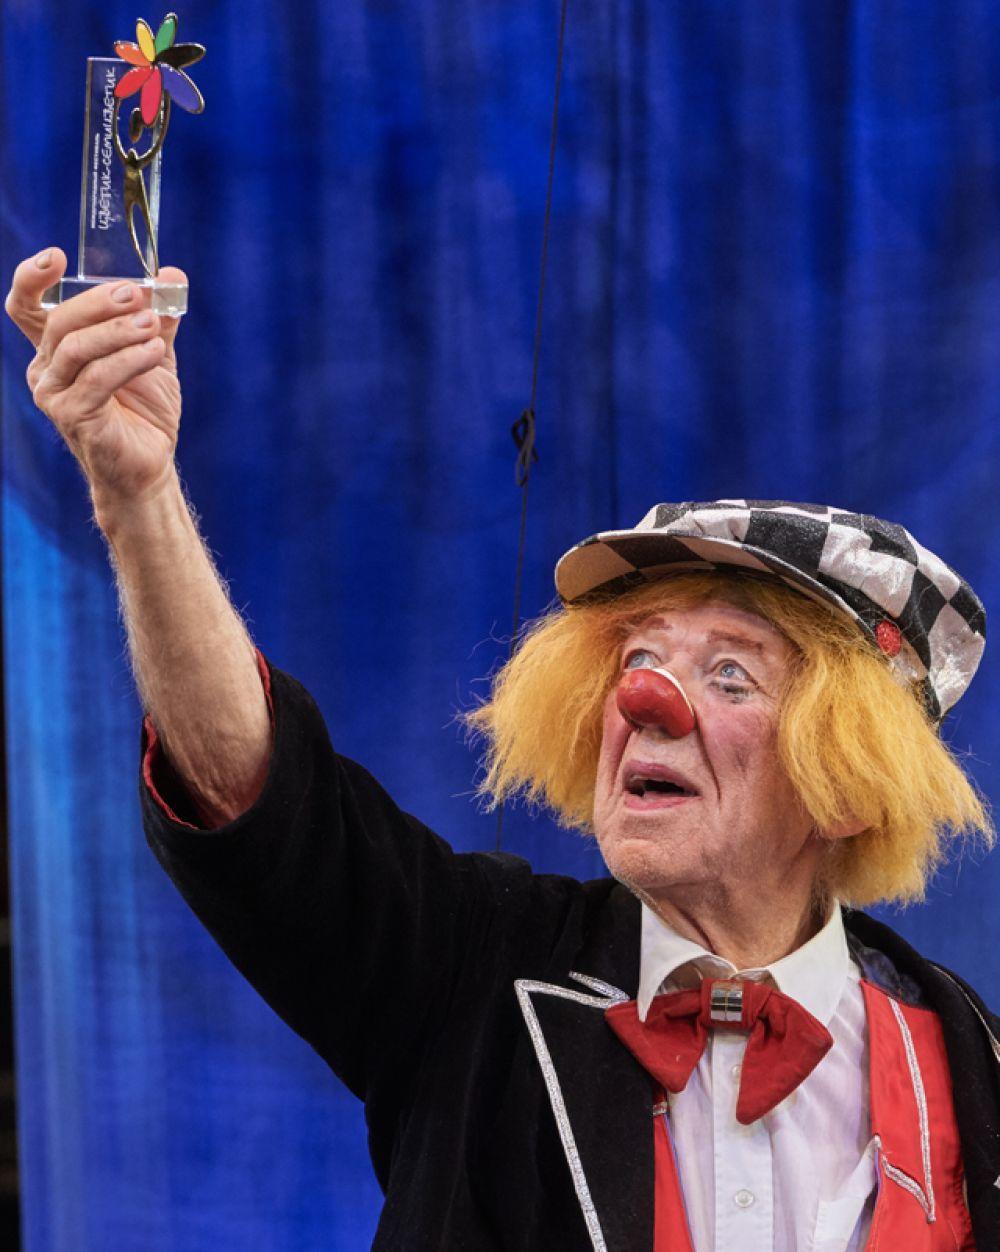 Олег Попов на арене цирка Чинизелли в Санкт-Петербурге. 2016 год.